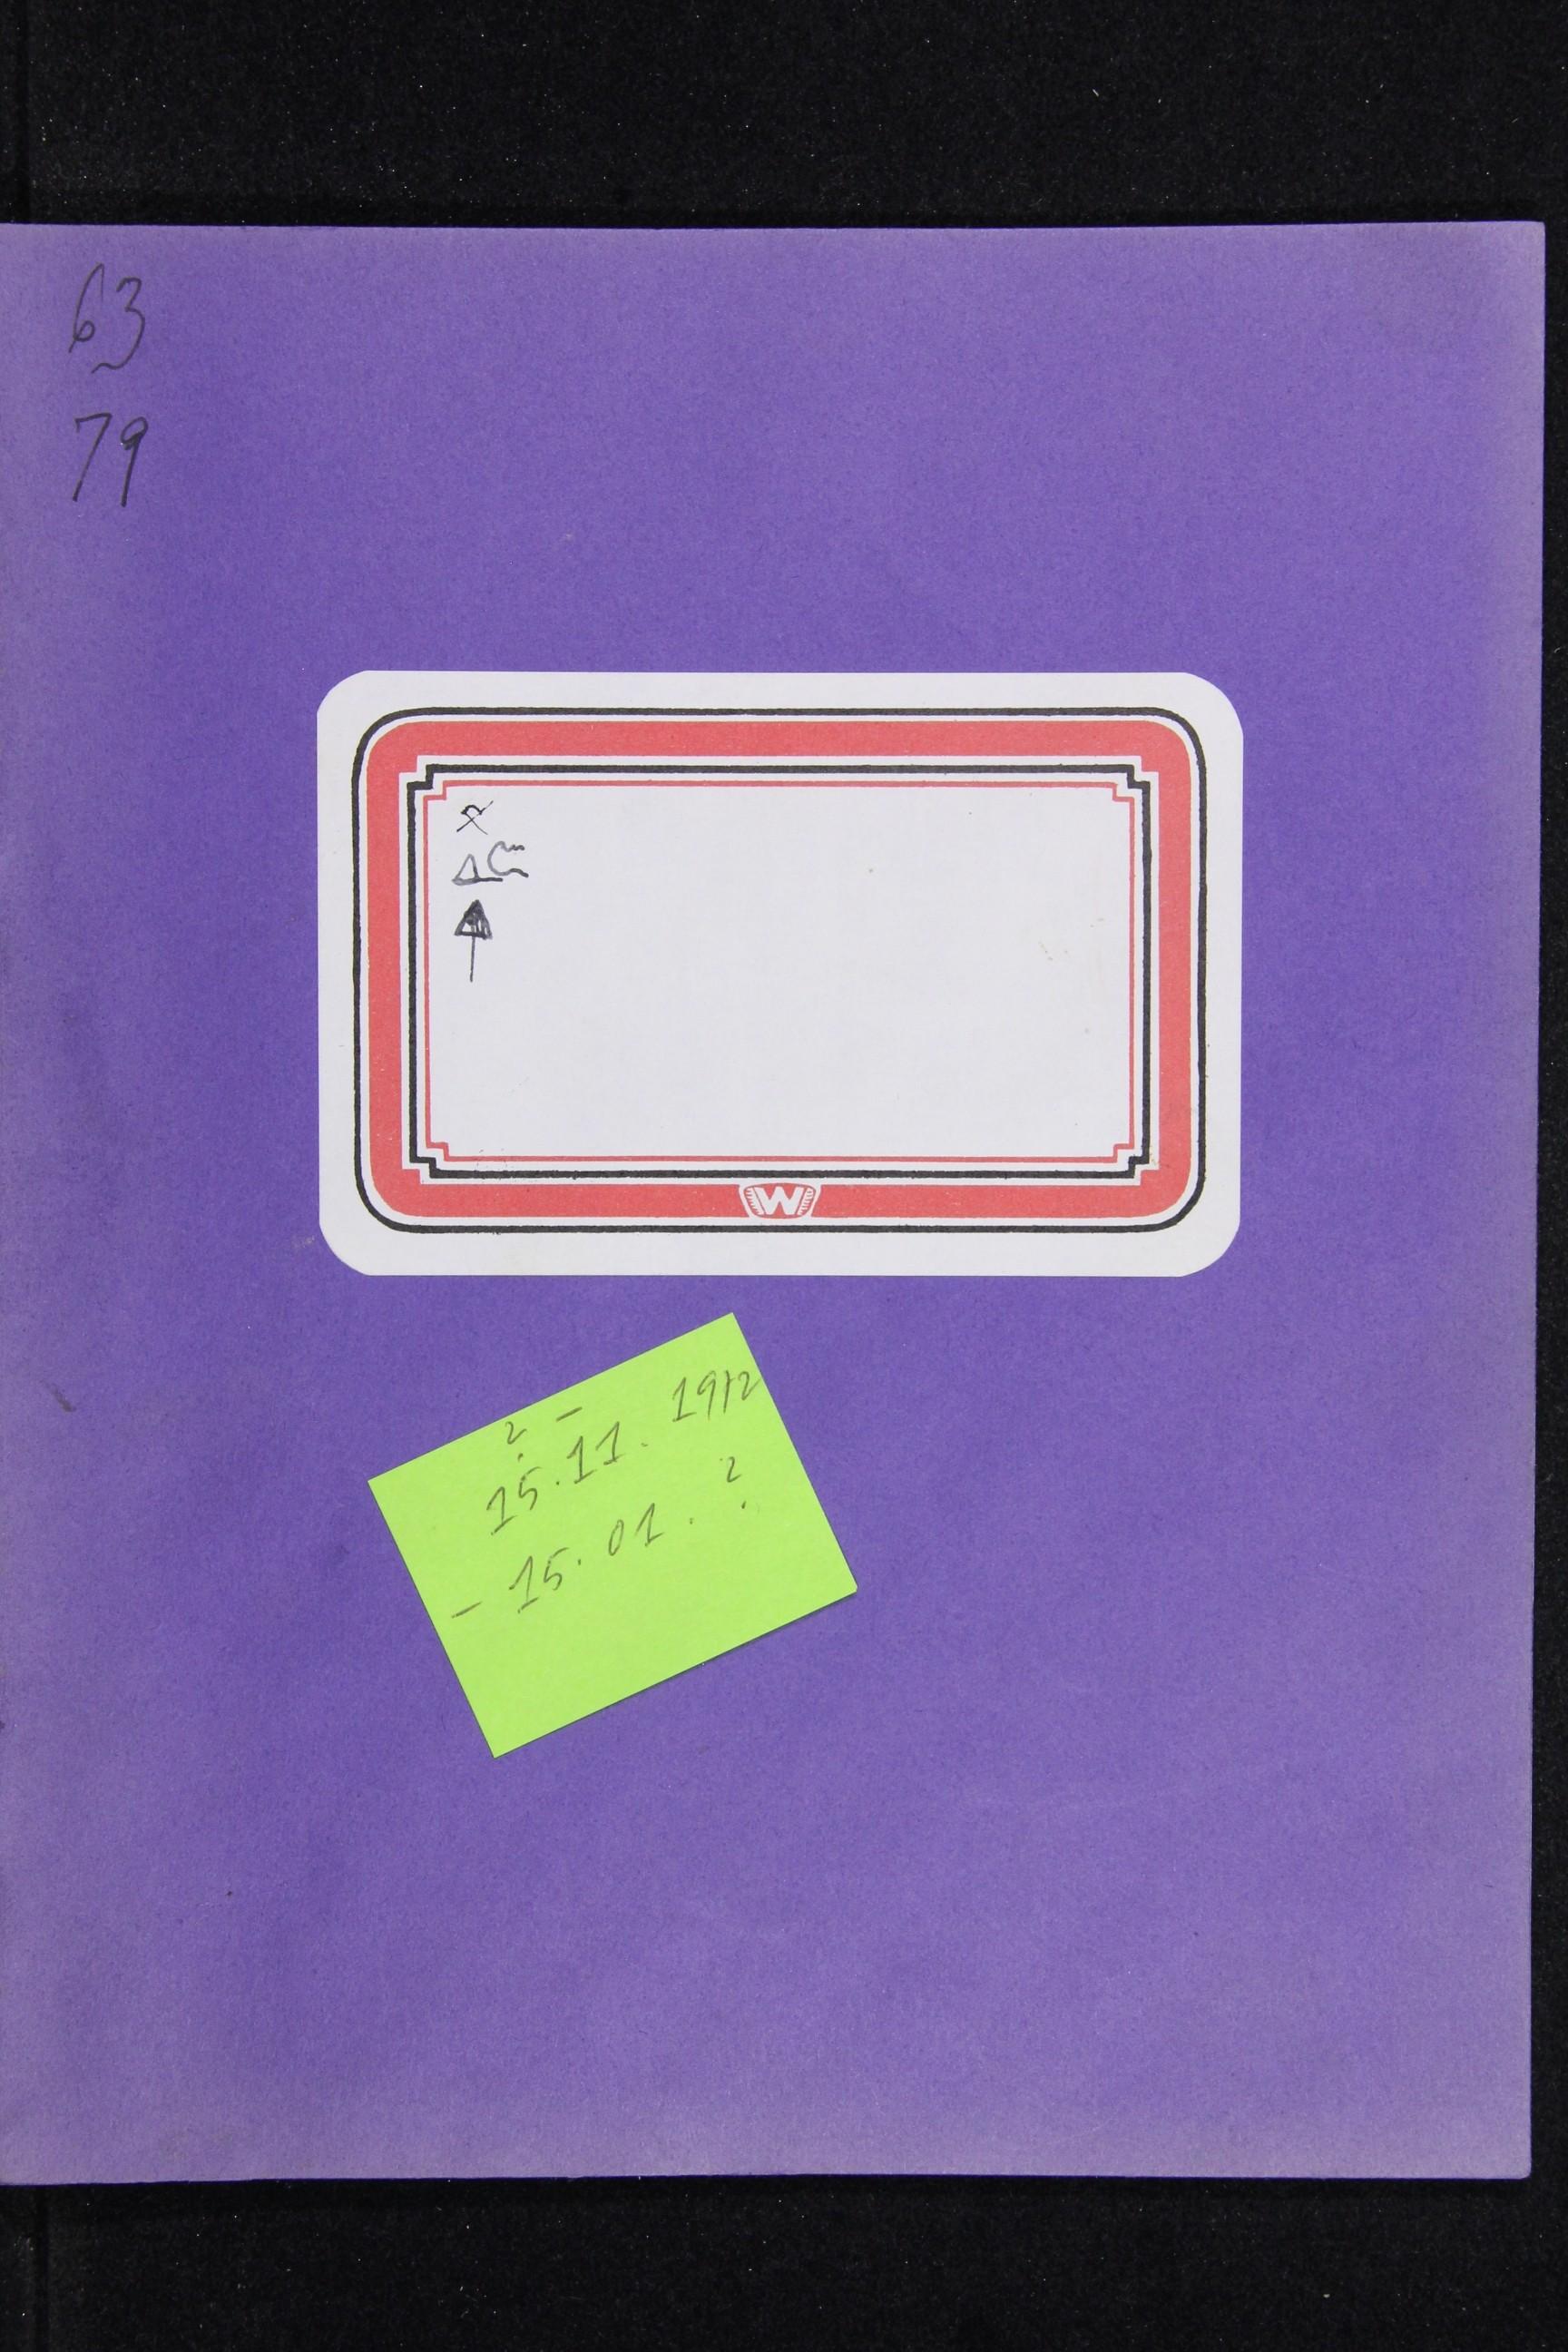 Notizbuch Hartmut Skerbisch (Inventarnr. 9) von Hartmut Skerbisch